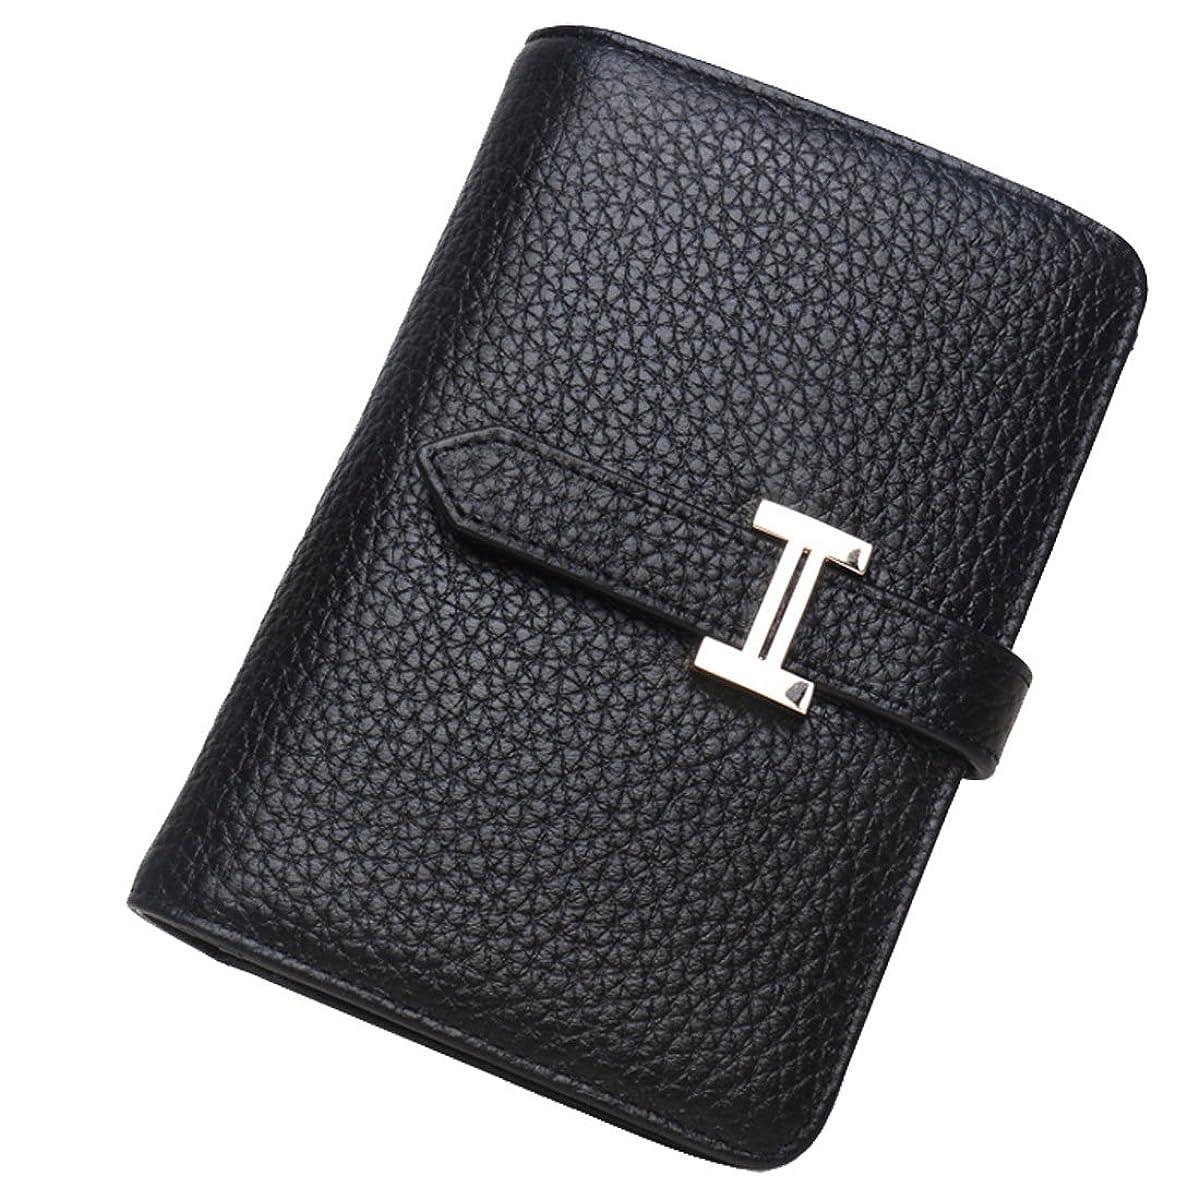 注入はっきりしない助けになる[Nana_Collection(ナナコレクション)] コンパクト 二つ折り パスケース 牛皮 財布 大容量 女性 全5色